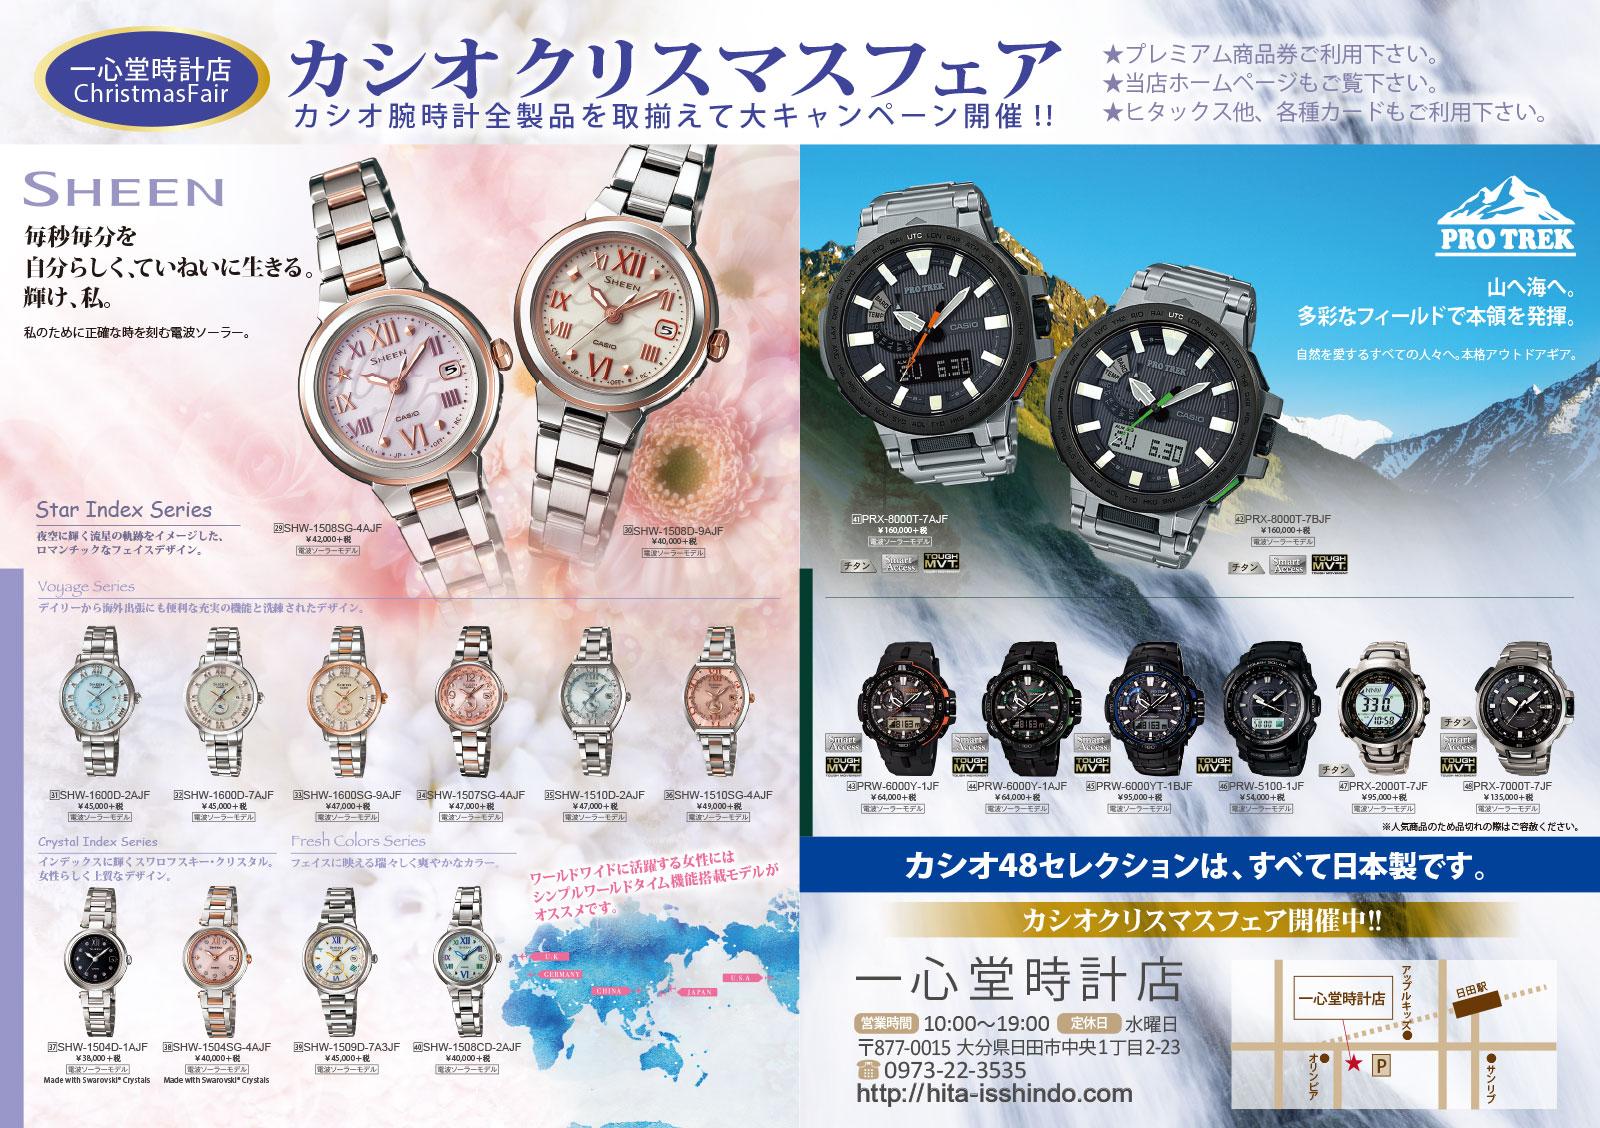 クリスマス・プレゼントは、カシオの腕時計